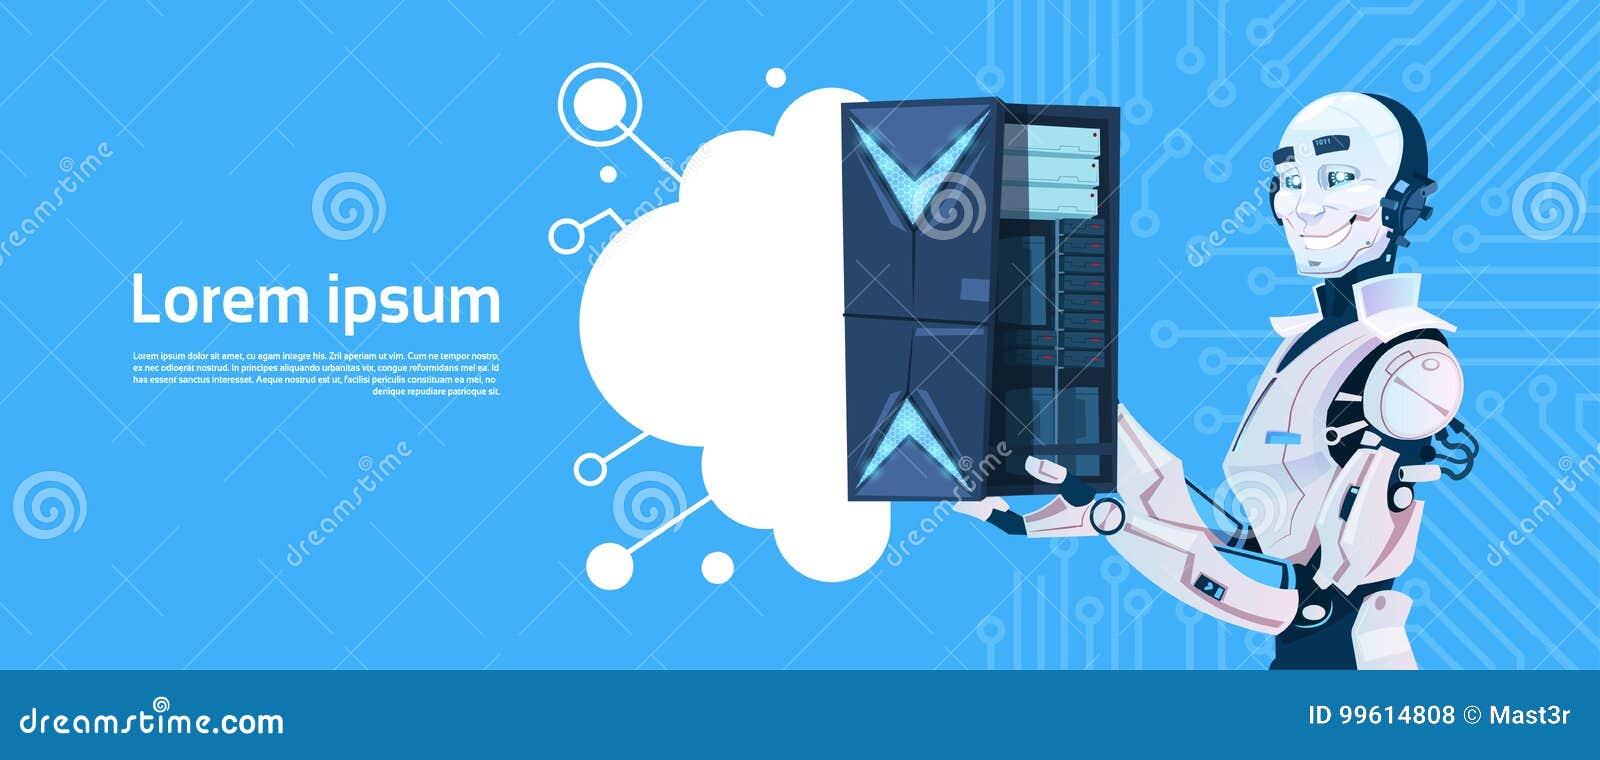 Σύγχρονος κεντρικός υπολογιστής βάσεων δεδομένων σύννεφων λαβής ρομπότ, τεχνολογία μηχανισμών φουτουριστική τεχνητής νοημοσύνης